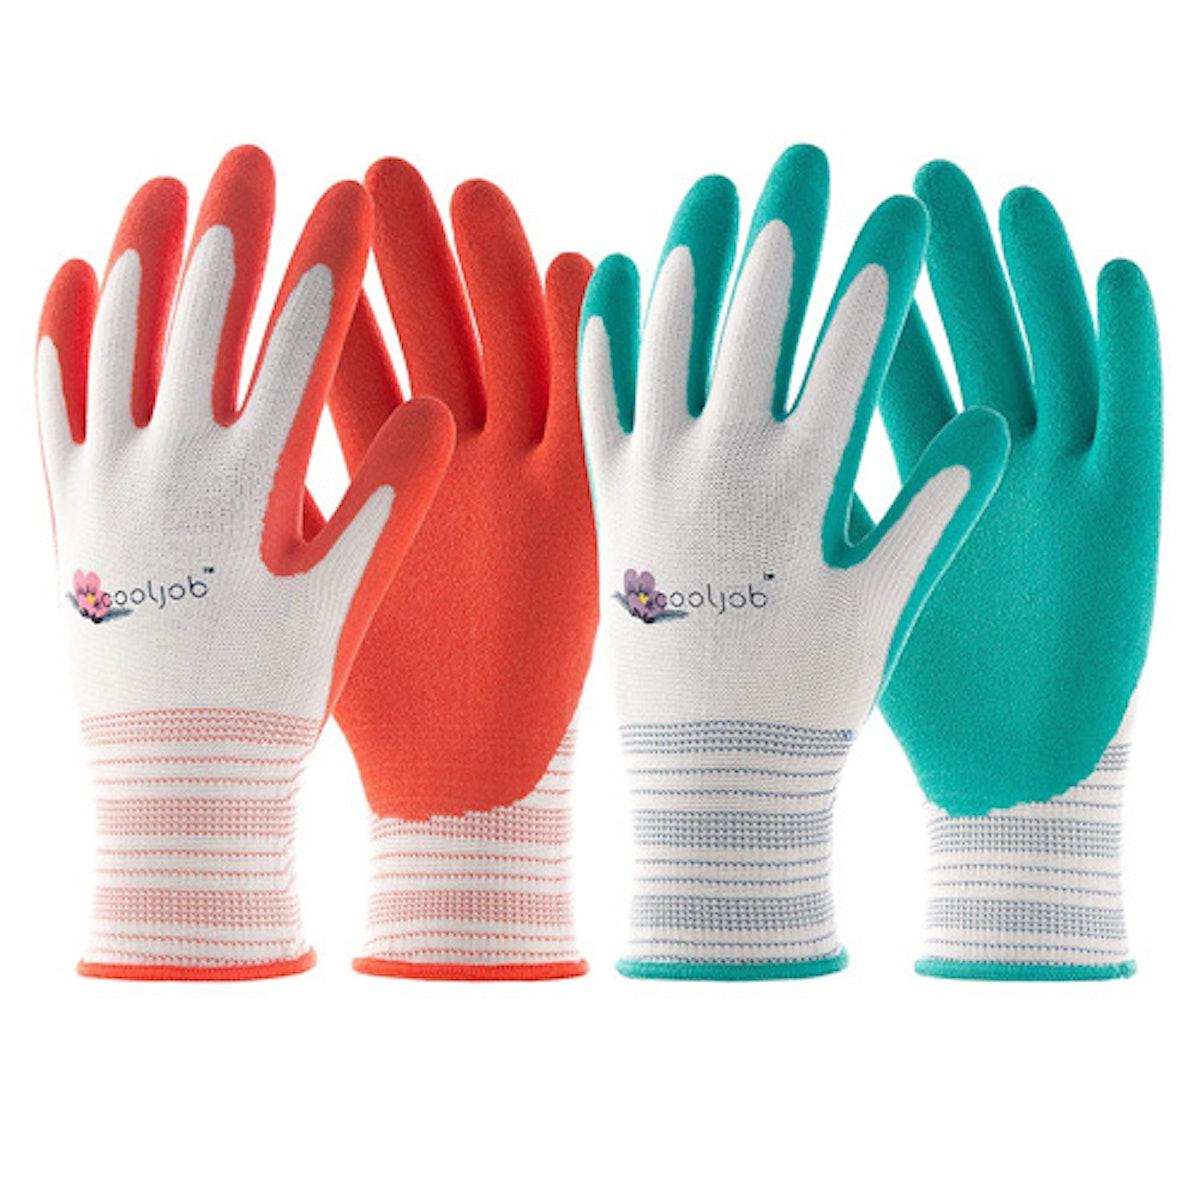 COOLJOB Gardening Gloves For Women (6-Pack)